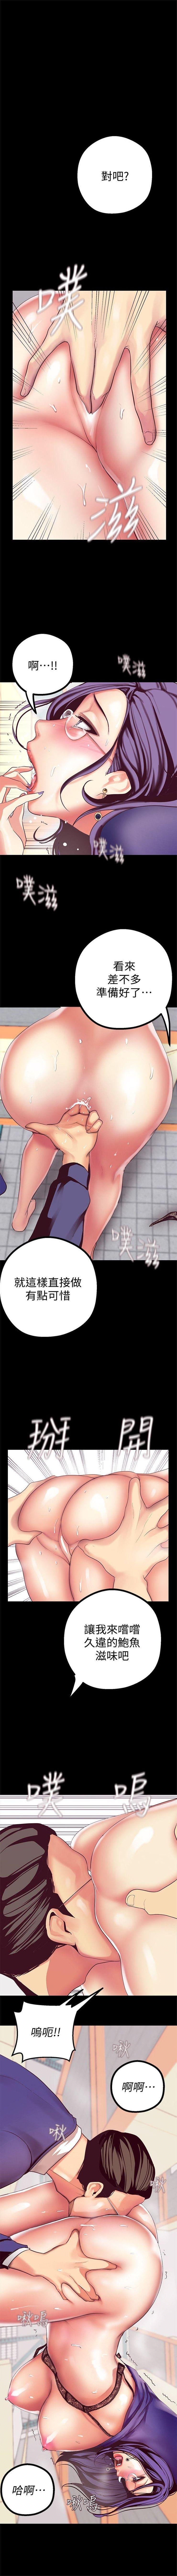 美麗新世界 1-85 官方中文(連載中) 156